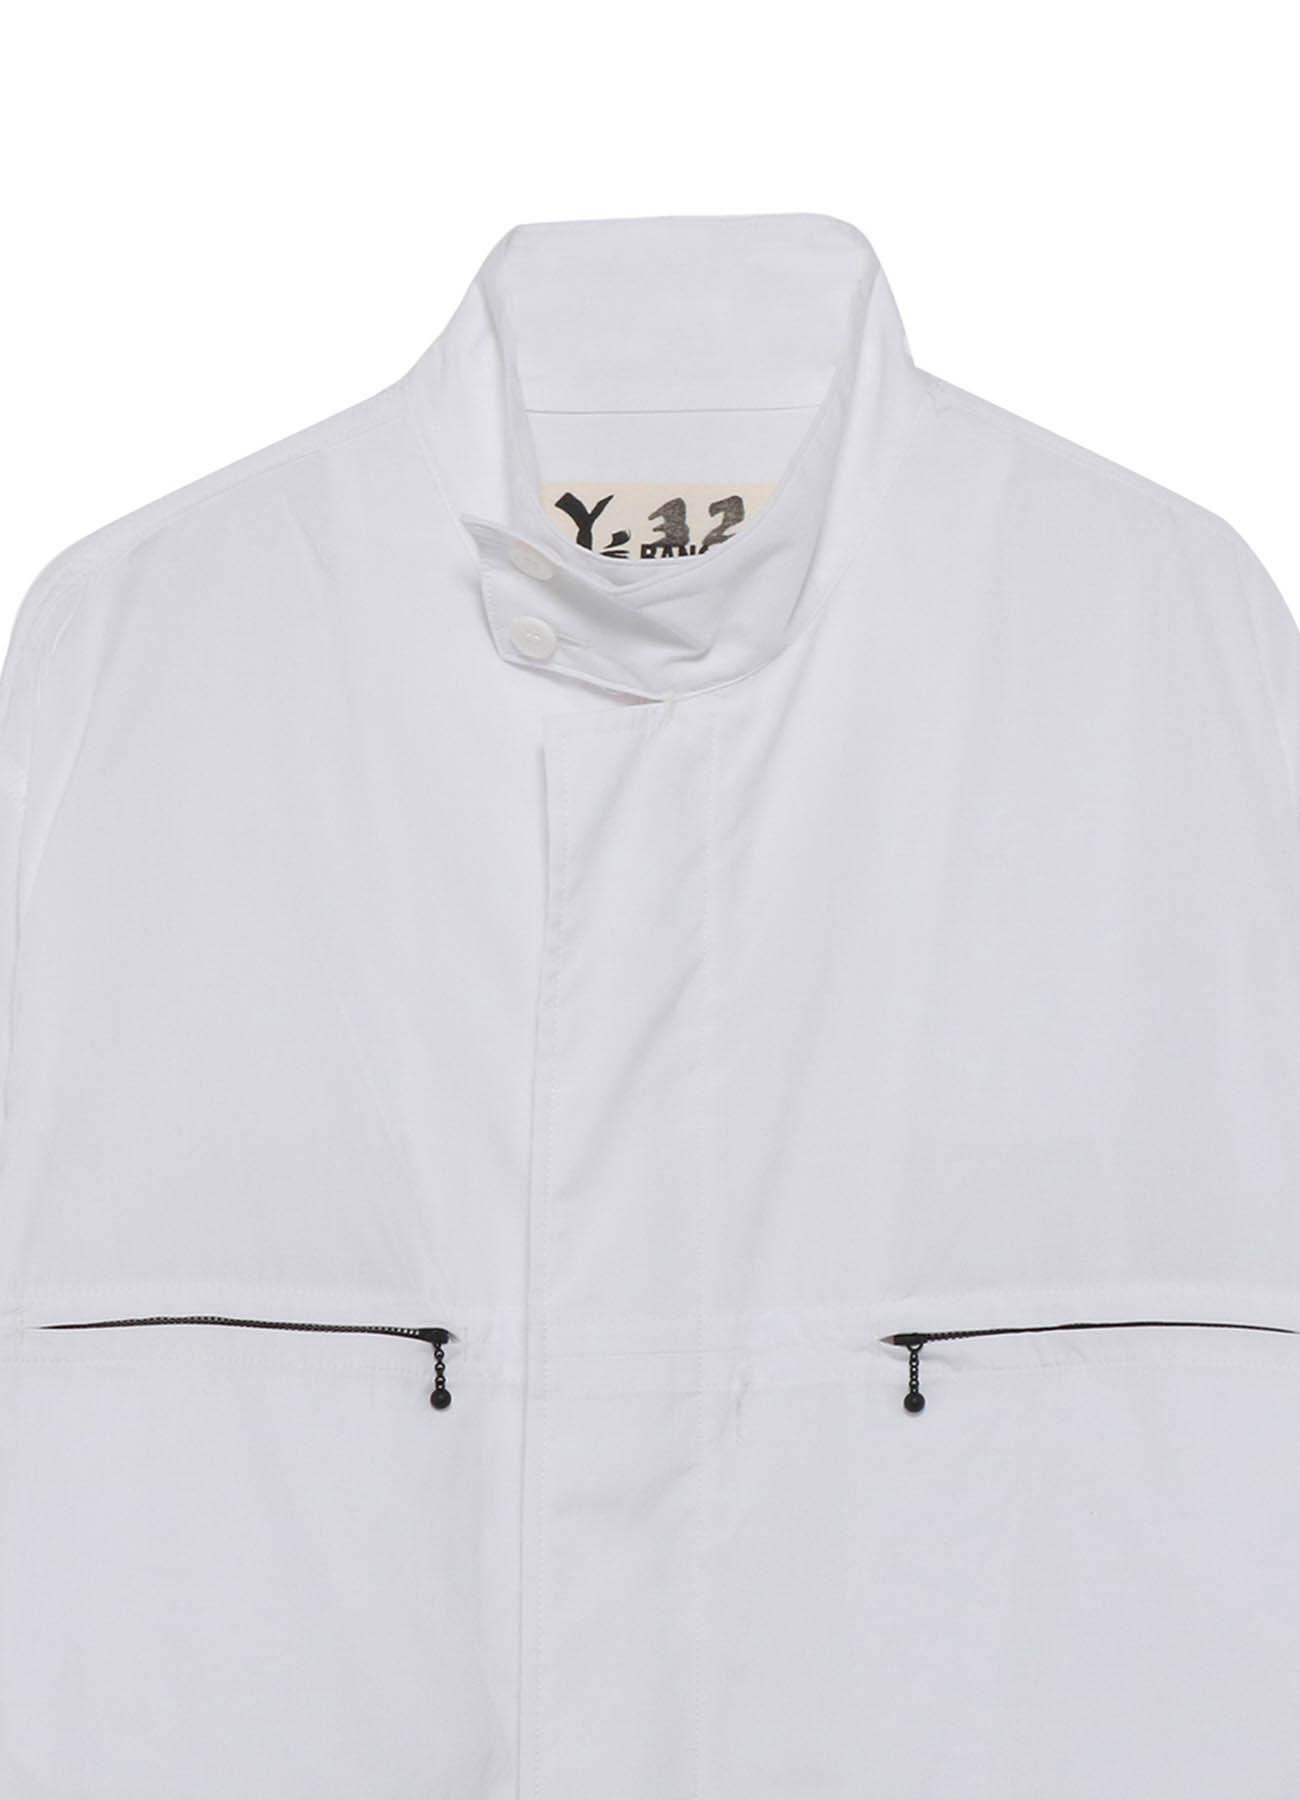 Y's BANG ON!No.32 Sleeve placket-Shirts Cotton broad